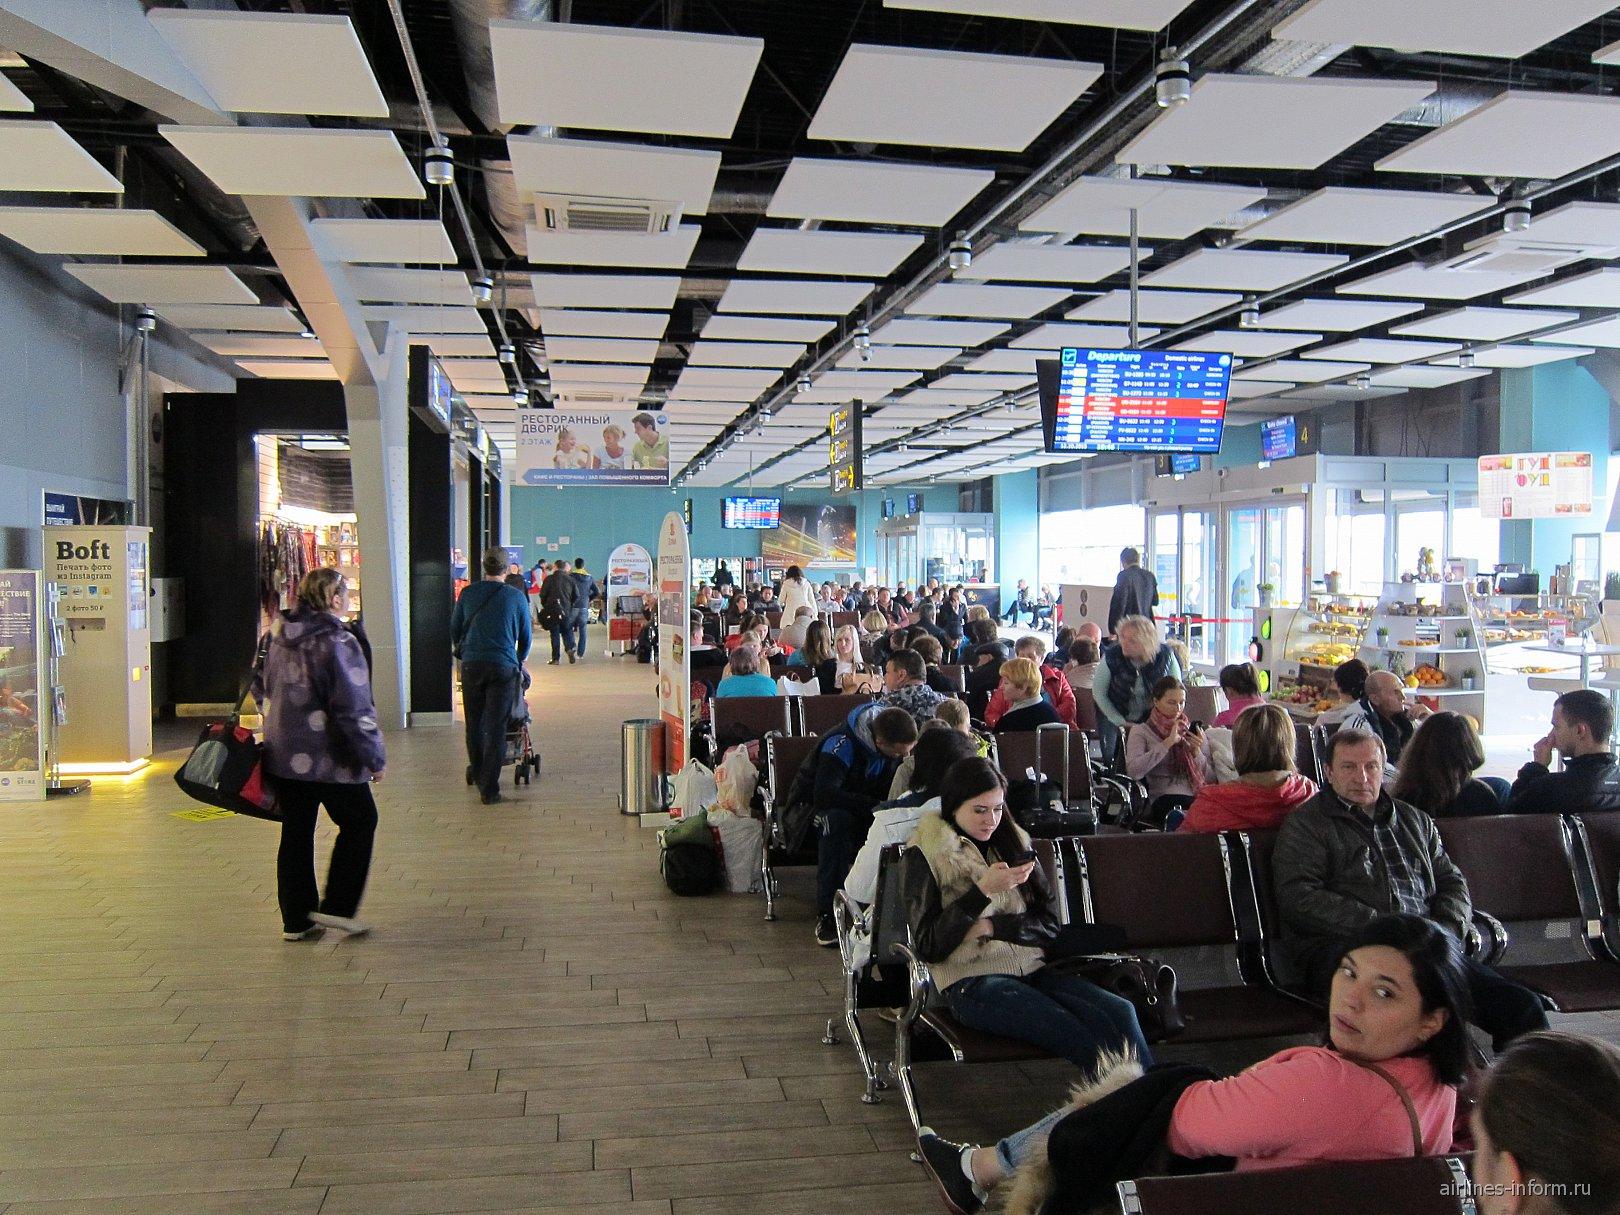 Зал ожидания в чистой зоне внутренних вылетов аэропорта Краснодар Пашковский